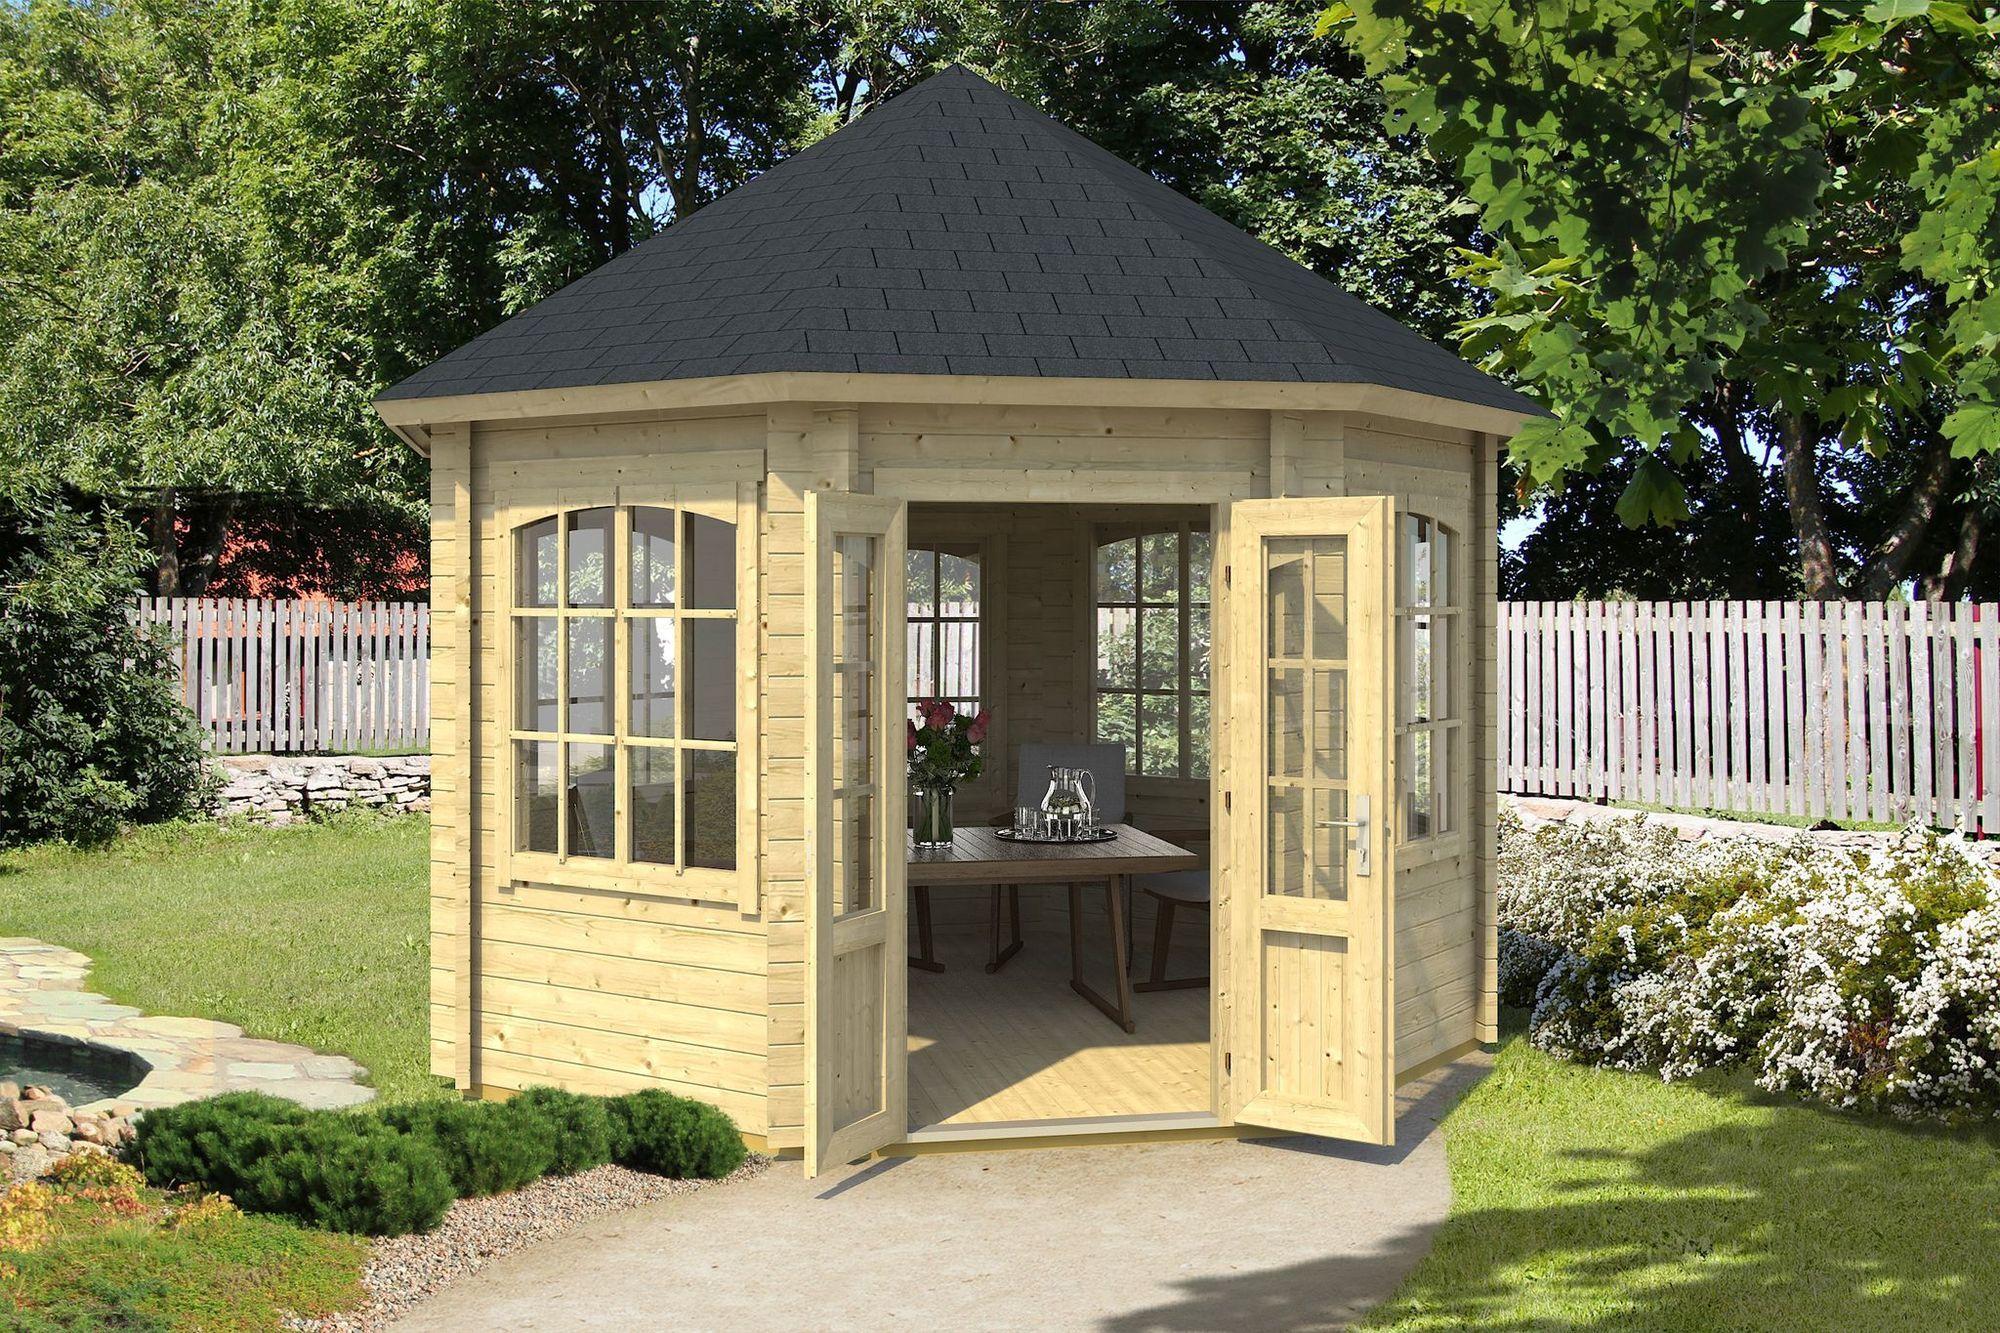 Abri De Jardin 10 Modeles Qu On Aime Abri De Jardin Kiosque